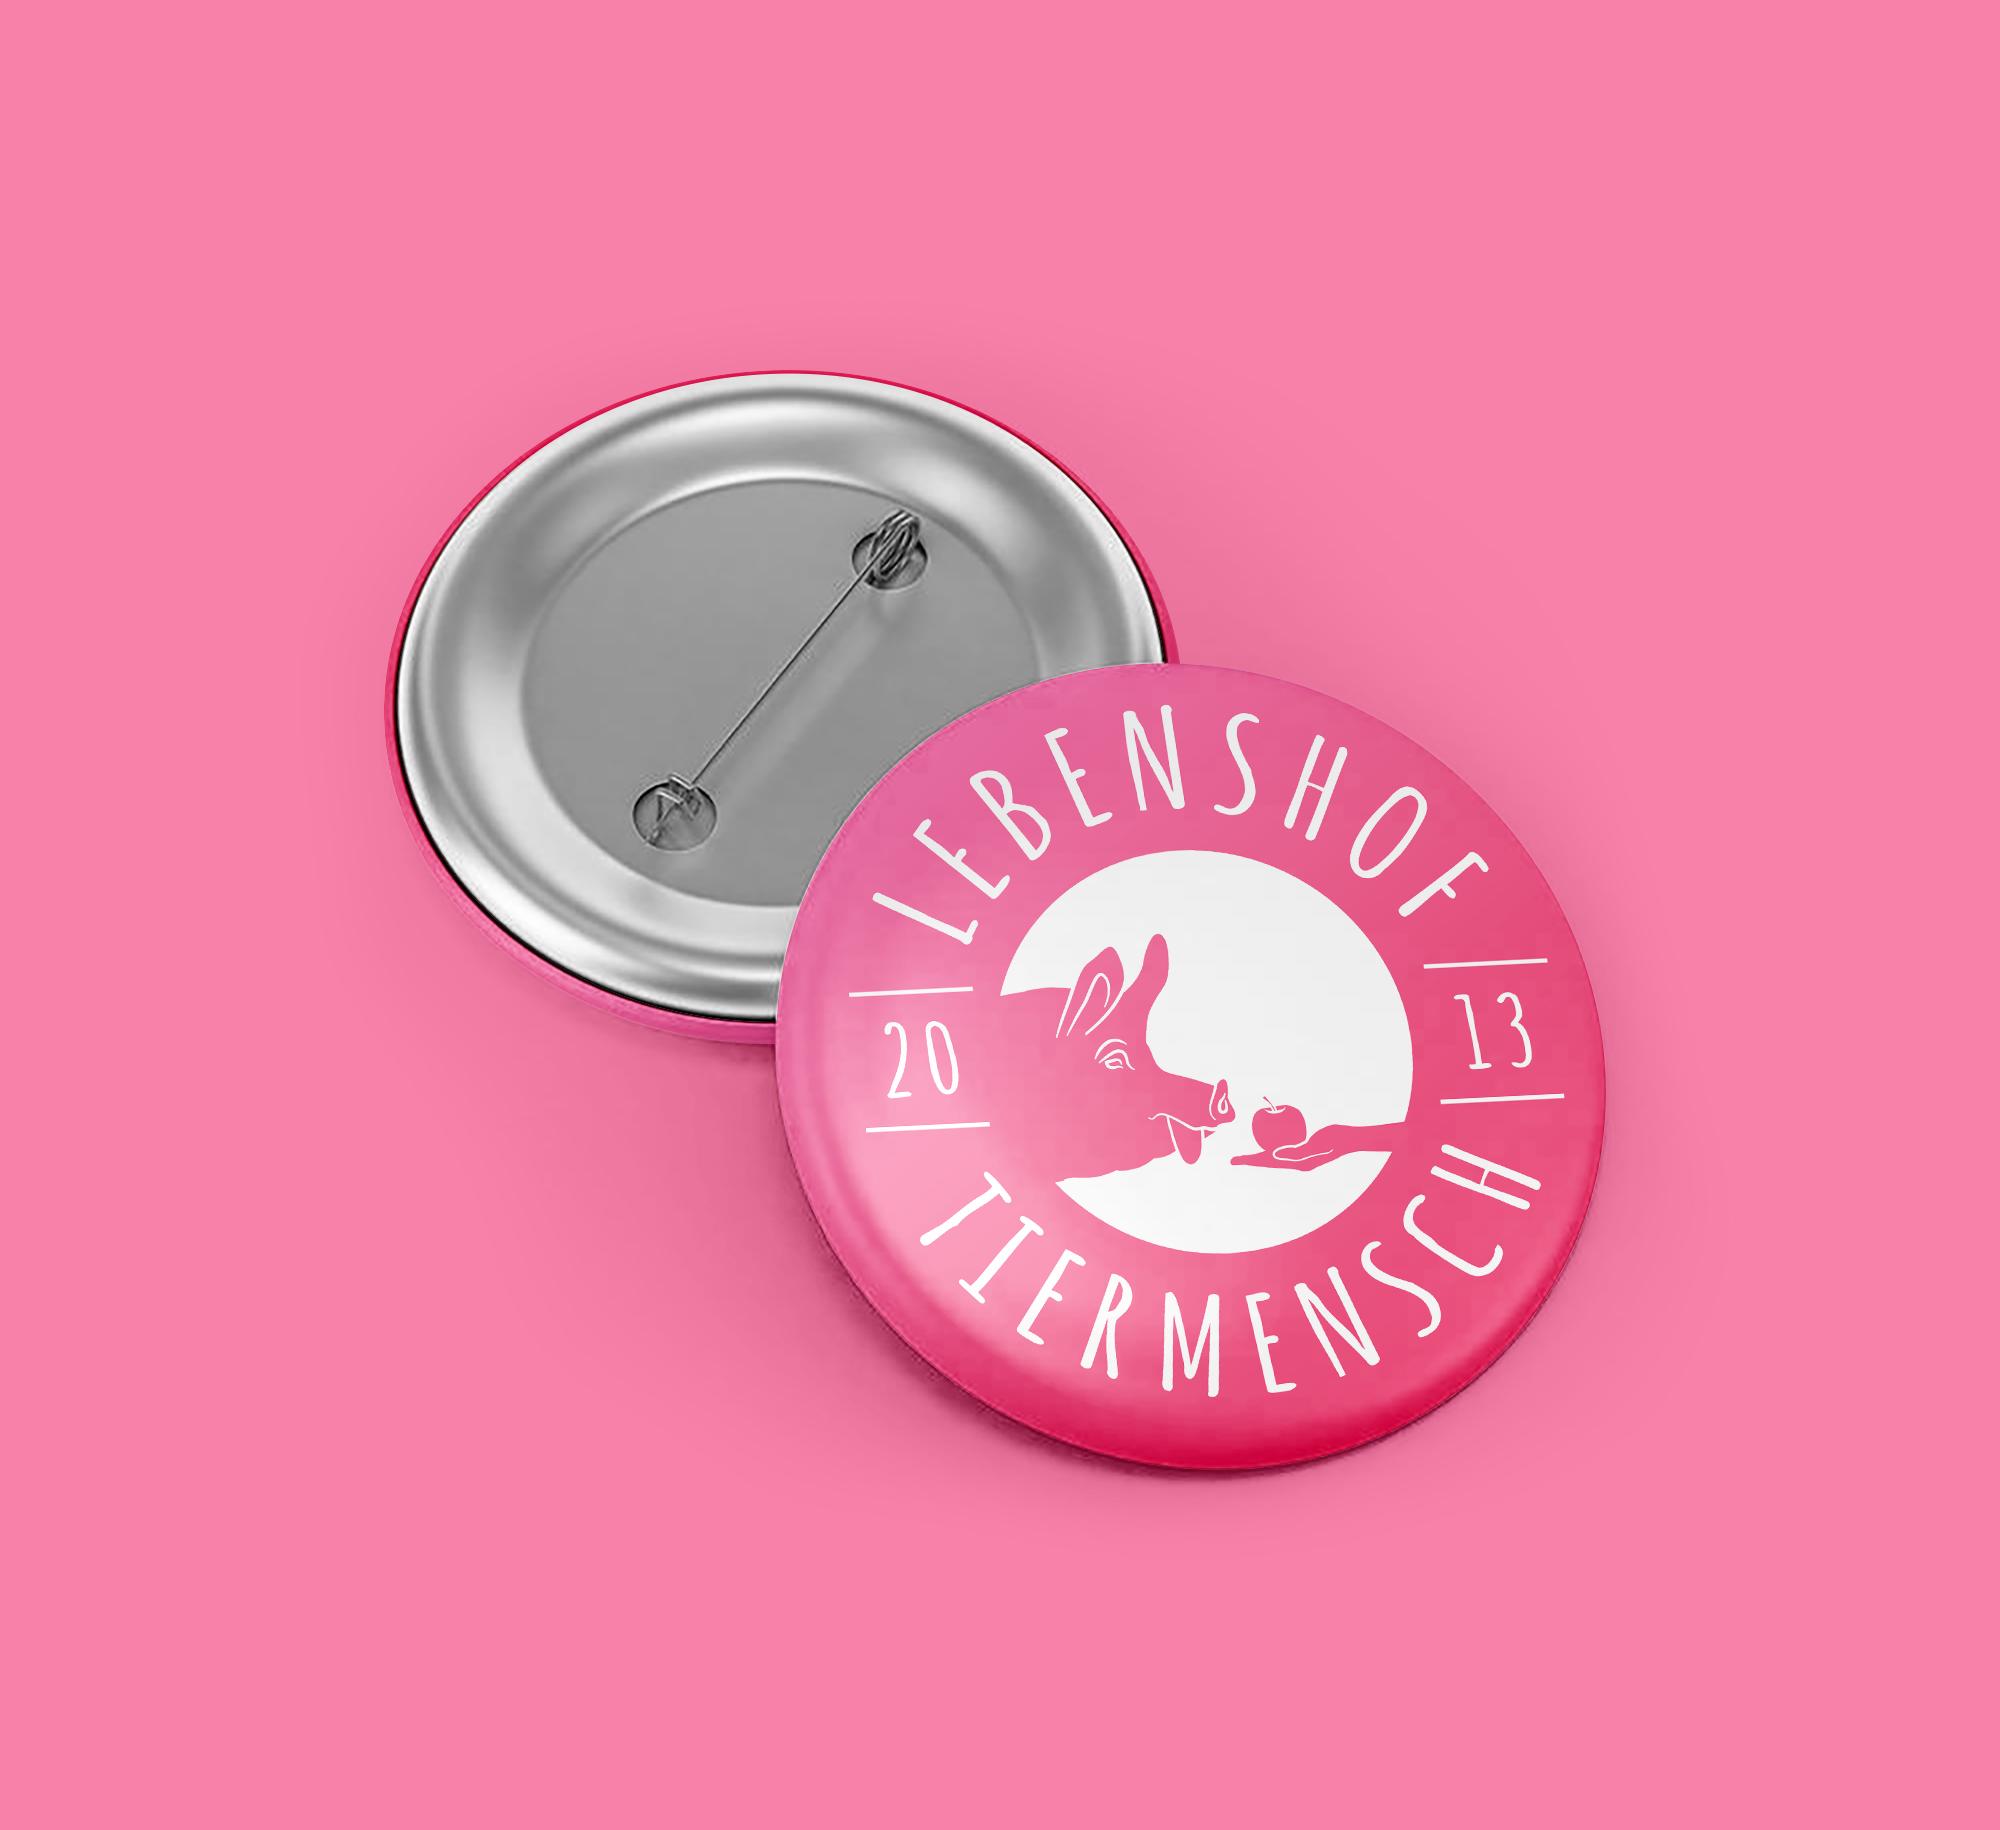 Lebenshoftiermensch_Logo_desing_pin_01.jpg